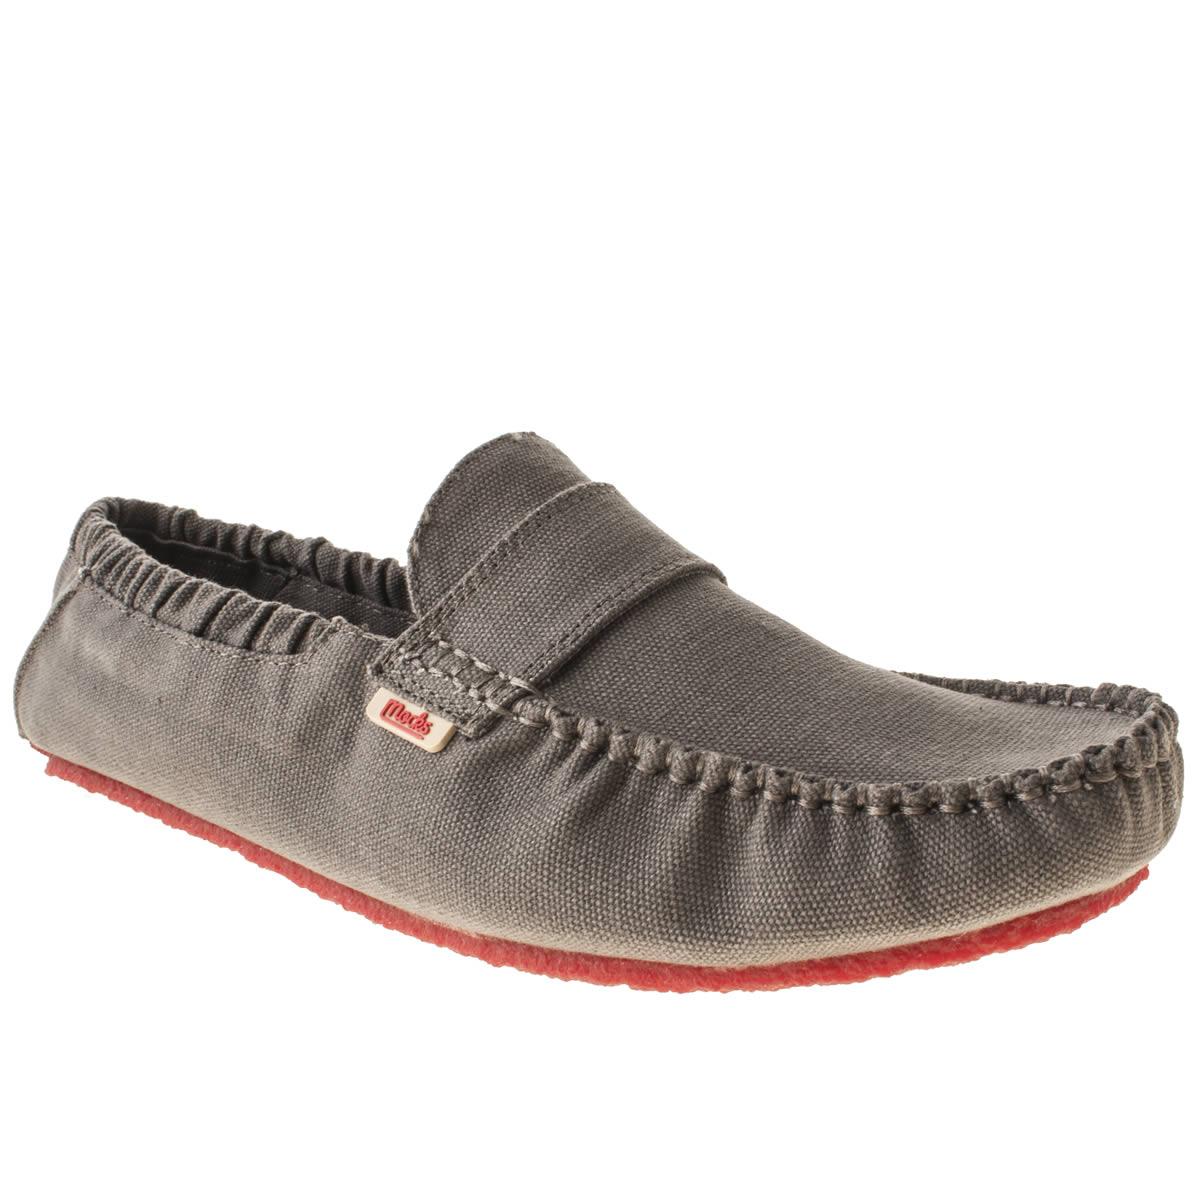 Mocks Mocks Grey Saddle Shoes